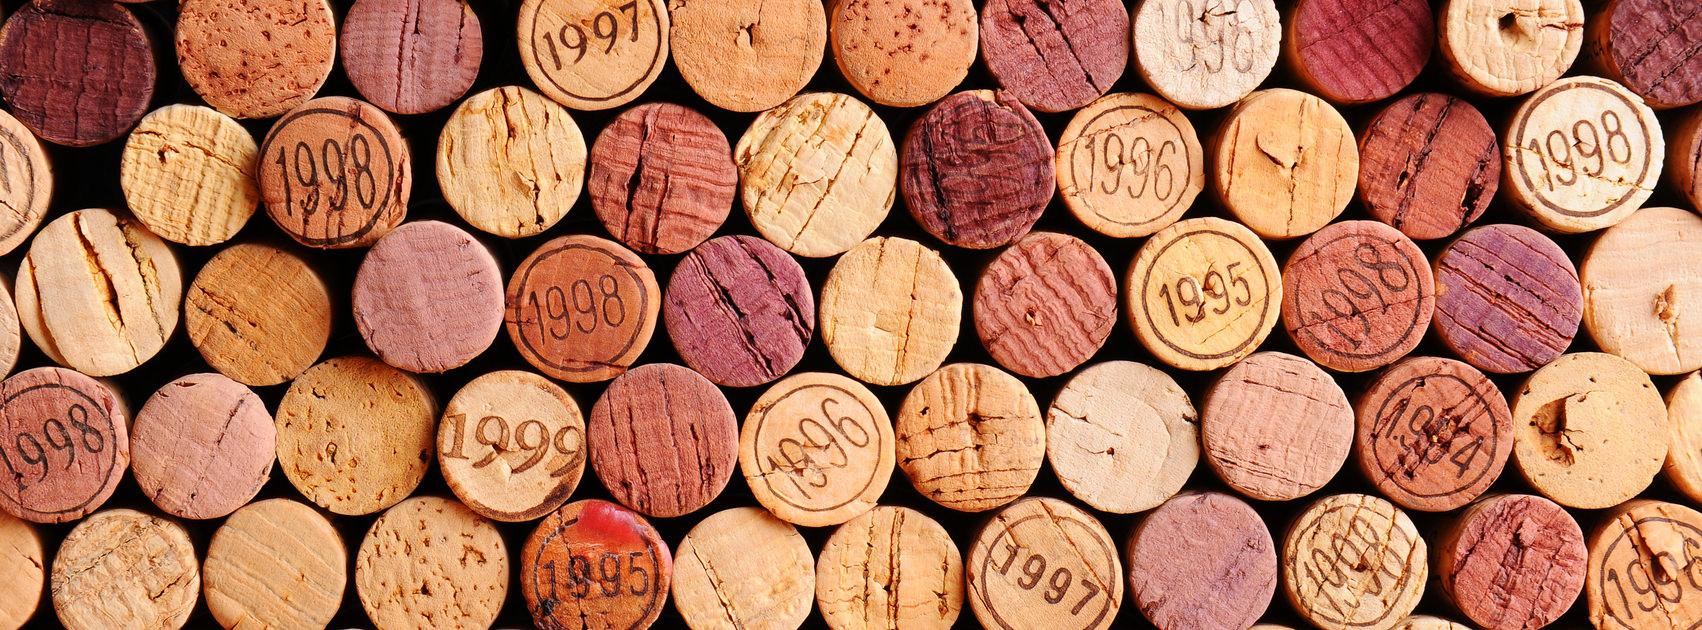 tappi da vino